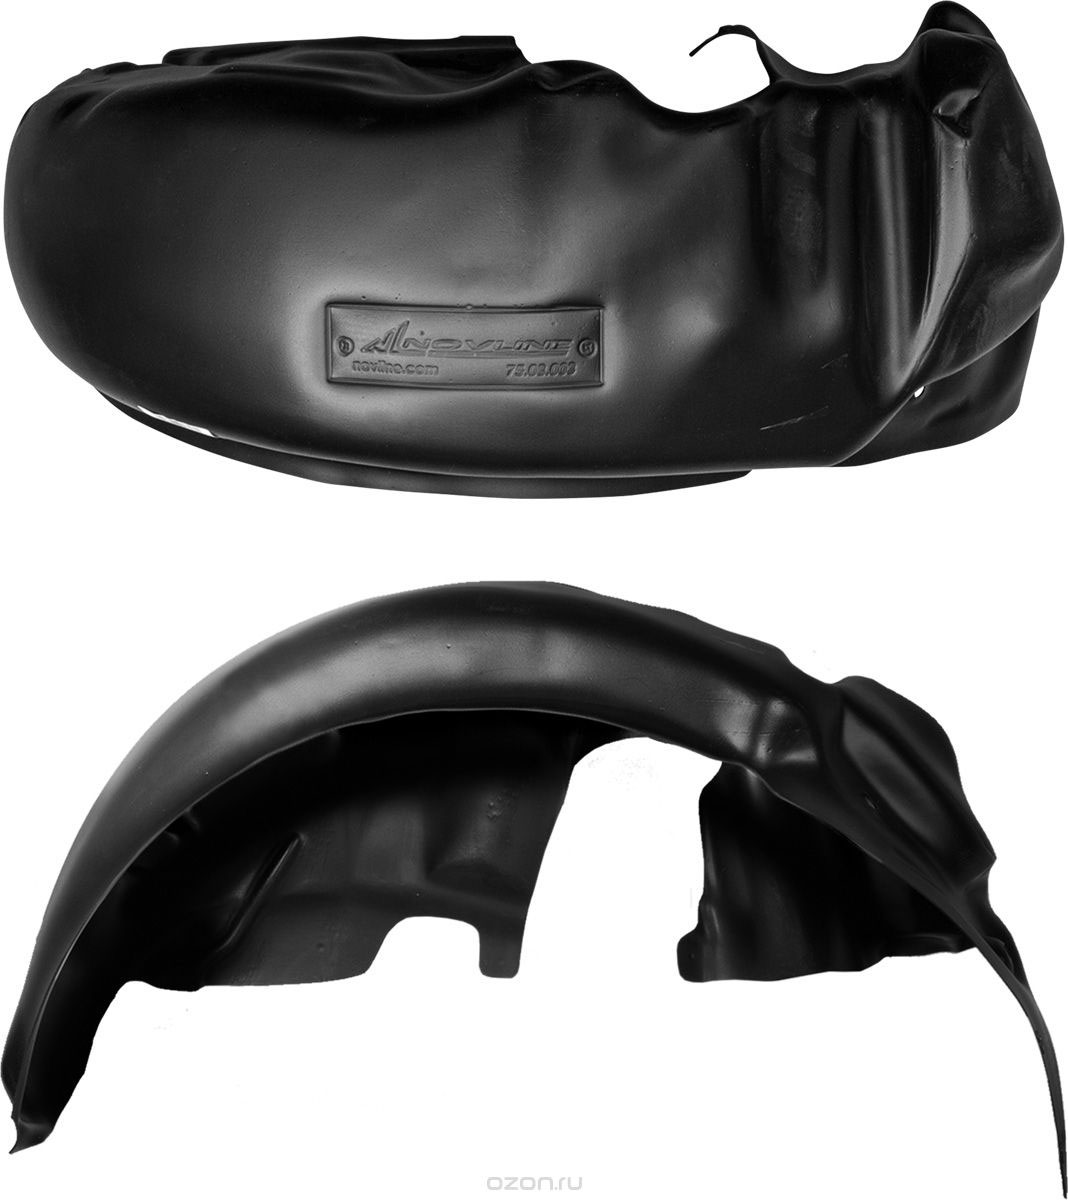 Подкрылок Novline-Autofamily, для TOYOTA Camry 07/2006-2011, передний правый234100Идеальная защита колесной ниши. Локеры разработаны с применением цифровых технологий, гарантируют максимальную повторяемость поверхности арки. Изделия устанавливаются без нарушения лакокрасочного покрытия автомобиля, каждый подкрылок комплектуется крепежом. Уважаемые клиенты, обращаем ваше внимание, что фотографии на подкрылки универсальные и не отражают реальную форму изделия. При этом само изделие идет точно под размер указанного автомобиля.